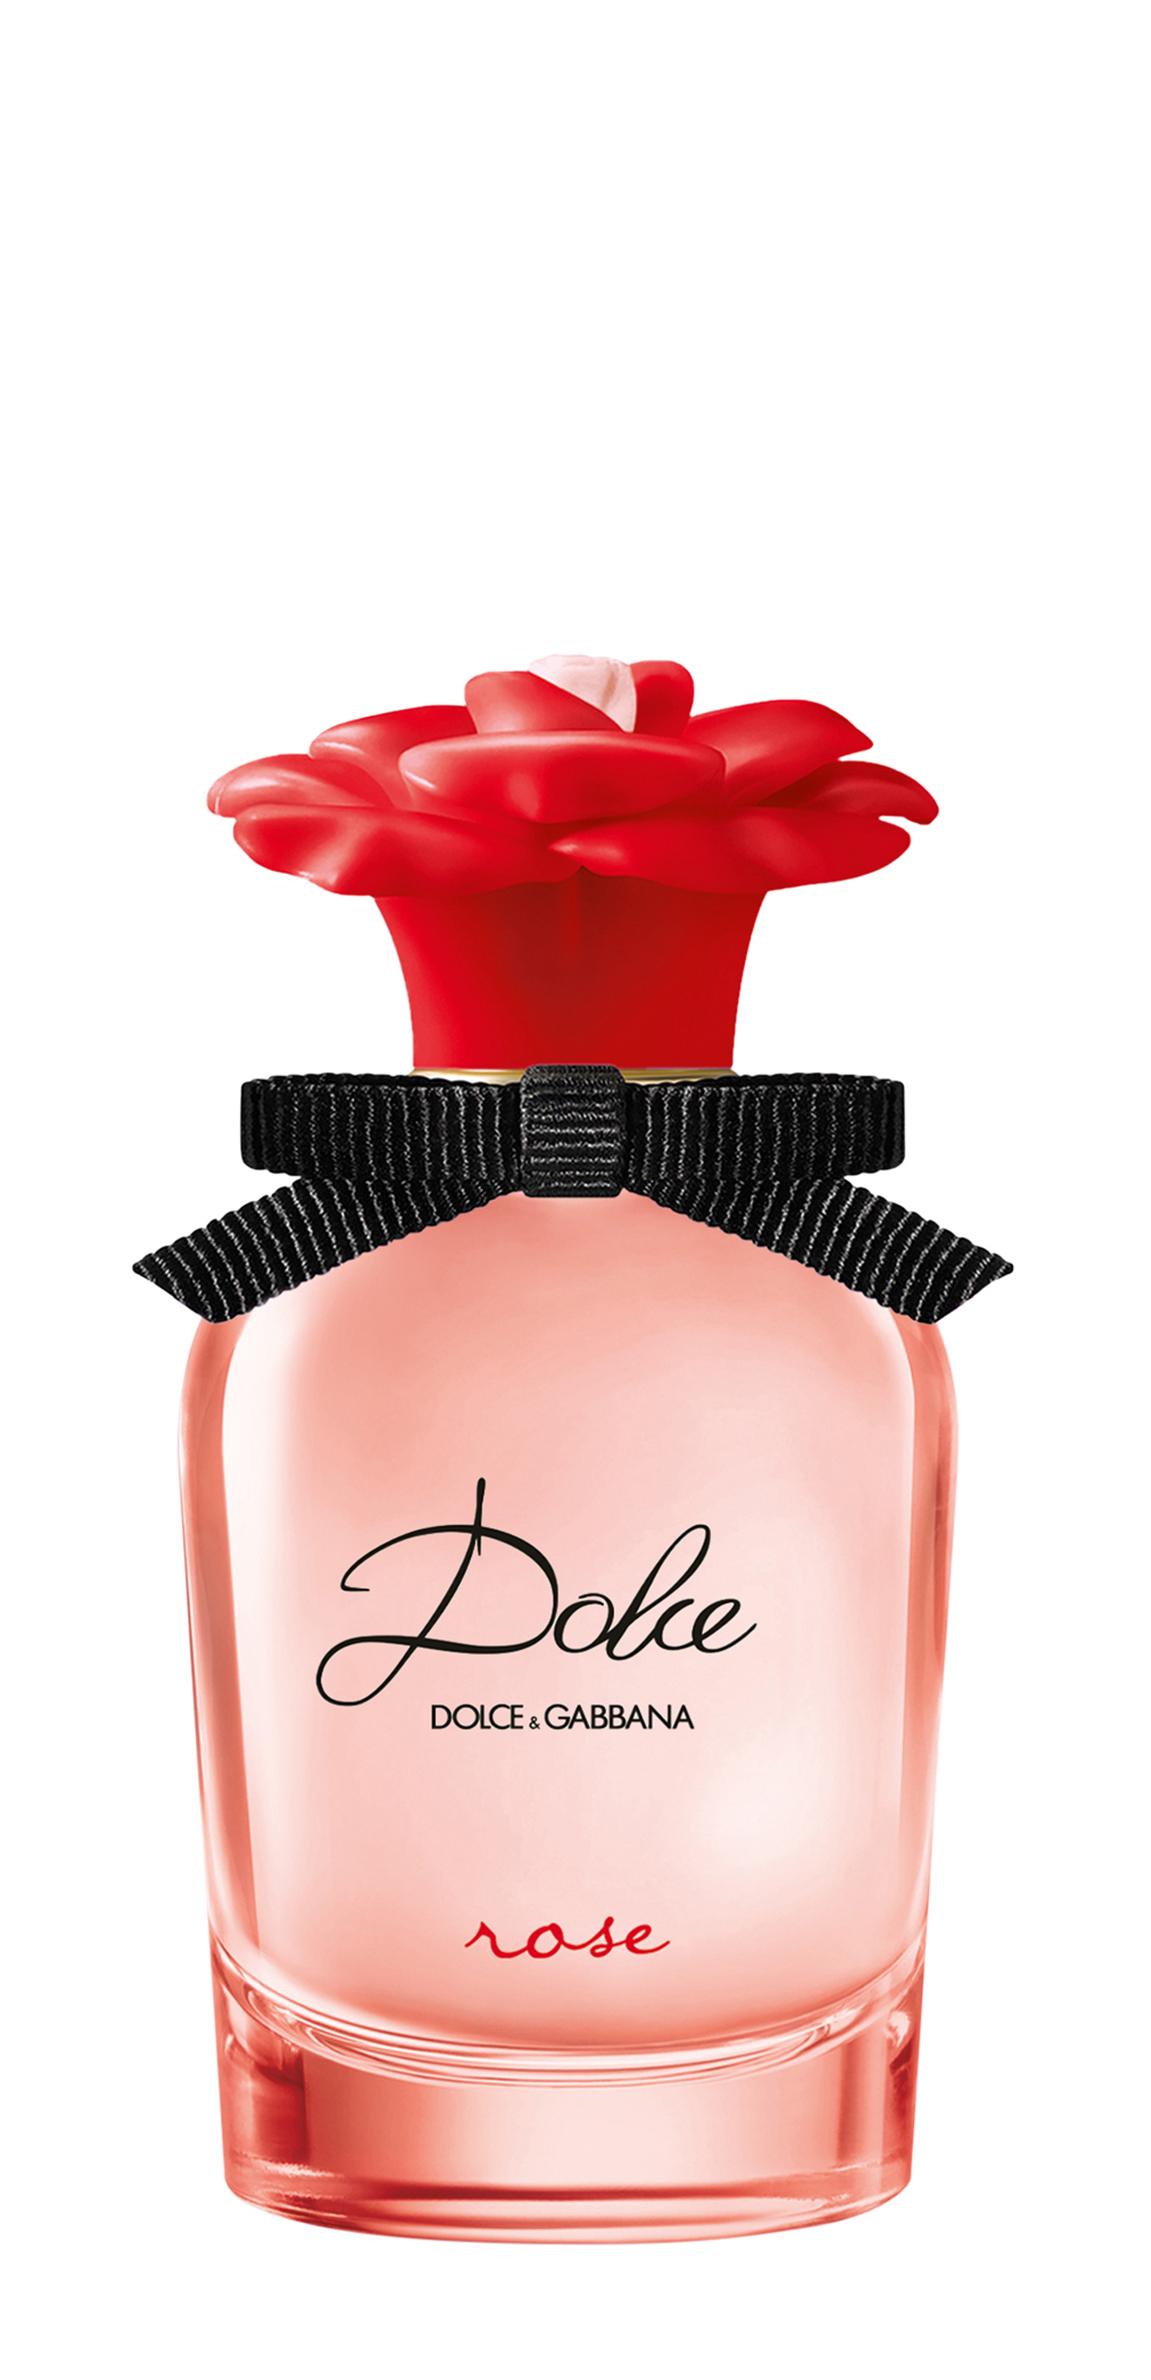 Купить Туалетная вода Dolce & Gabbana Туалетная вода Dolce Rose Eau de Toilette, DOLCE&GABBANA